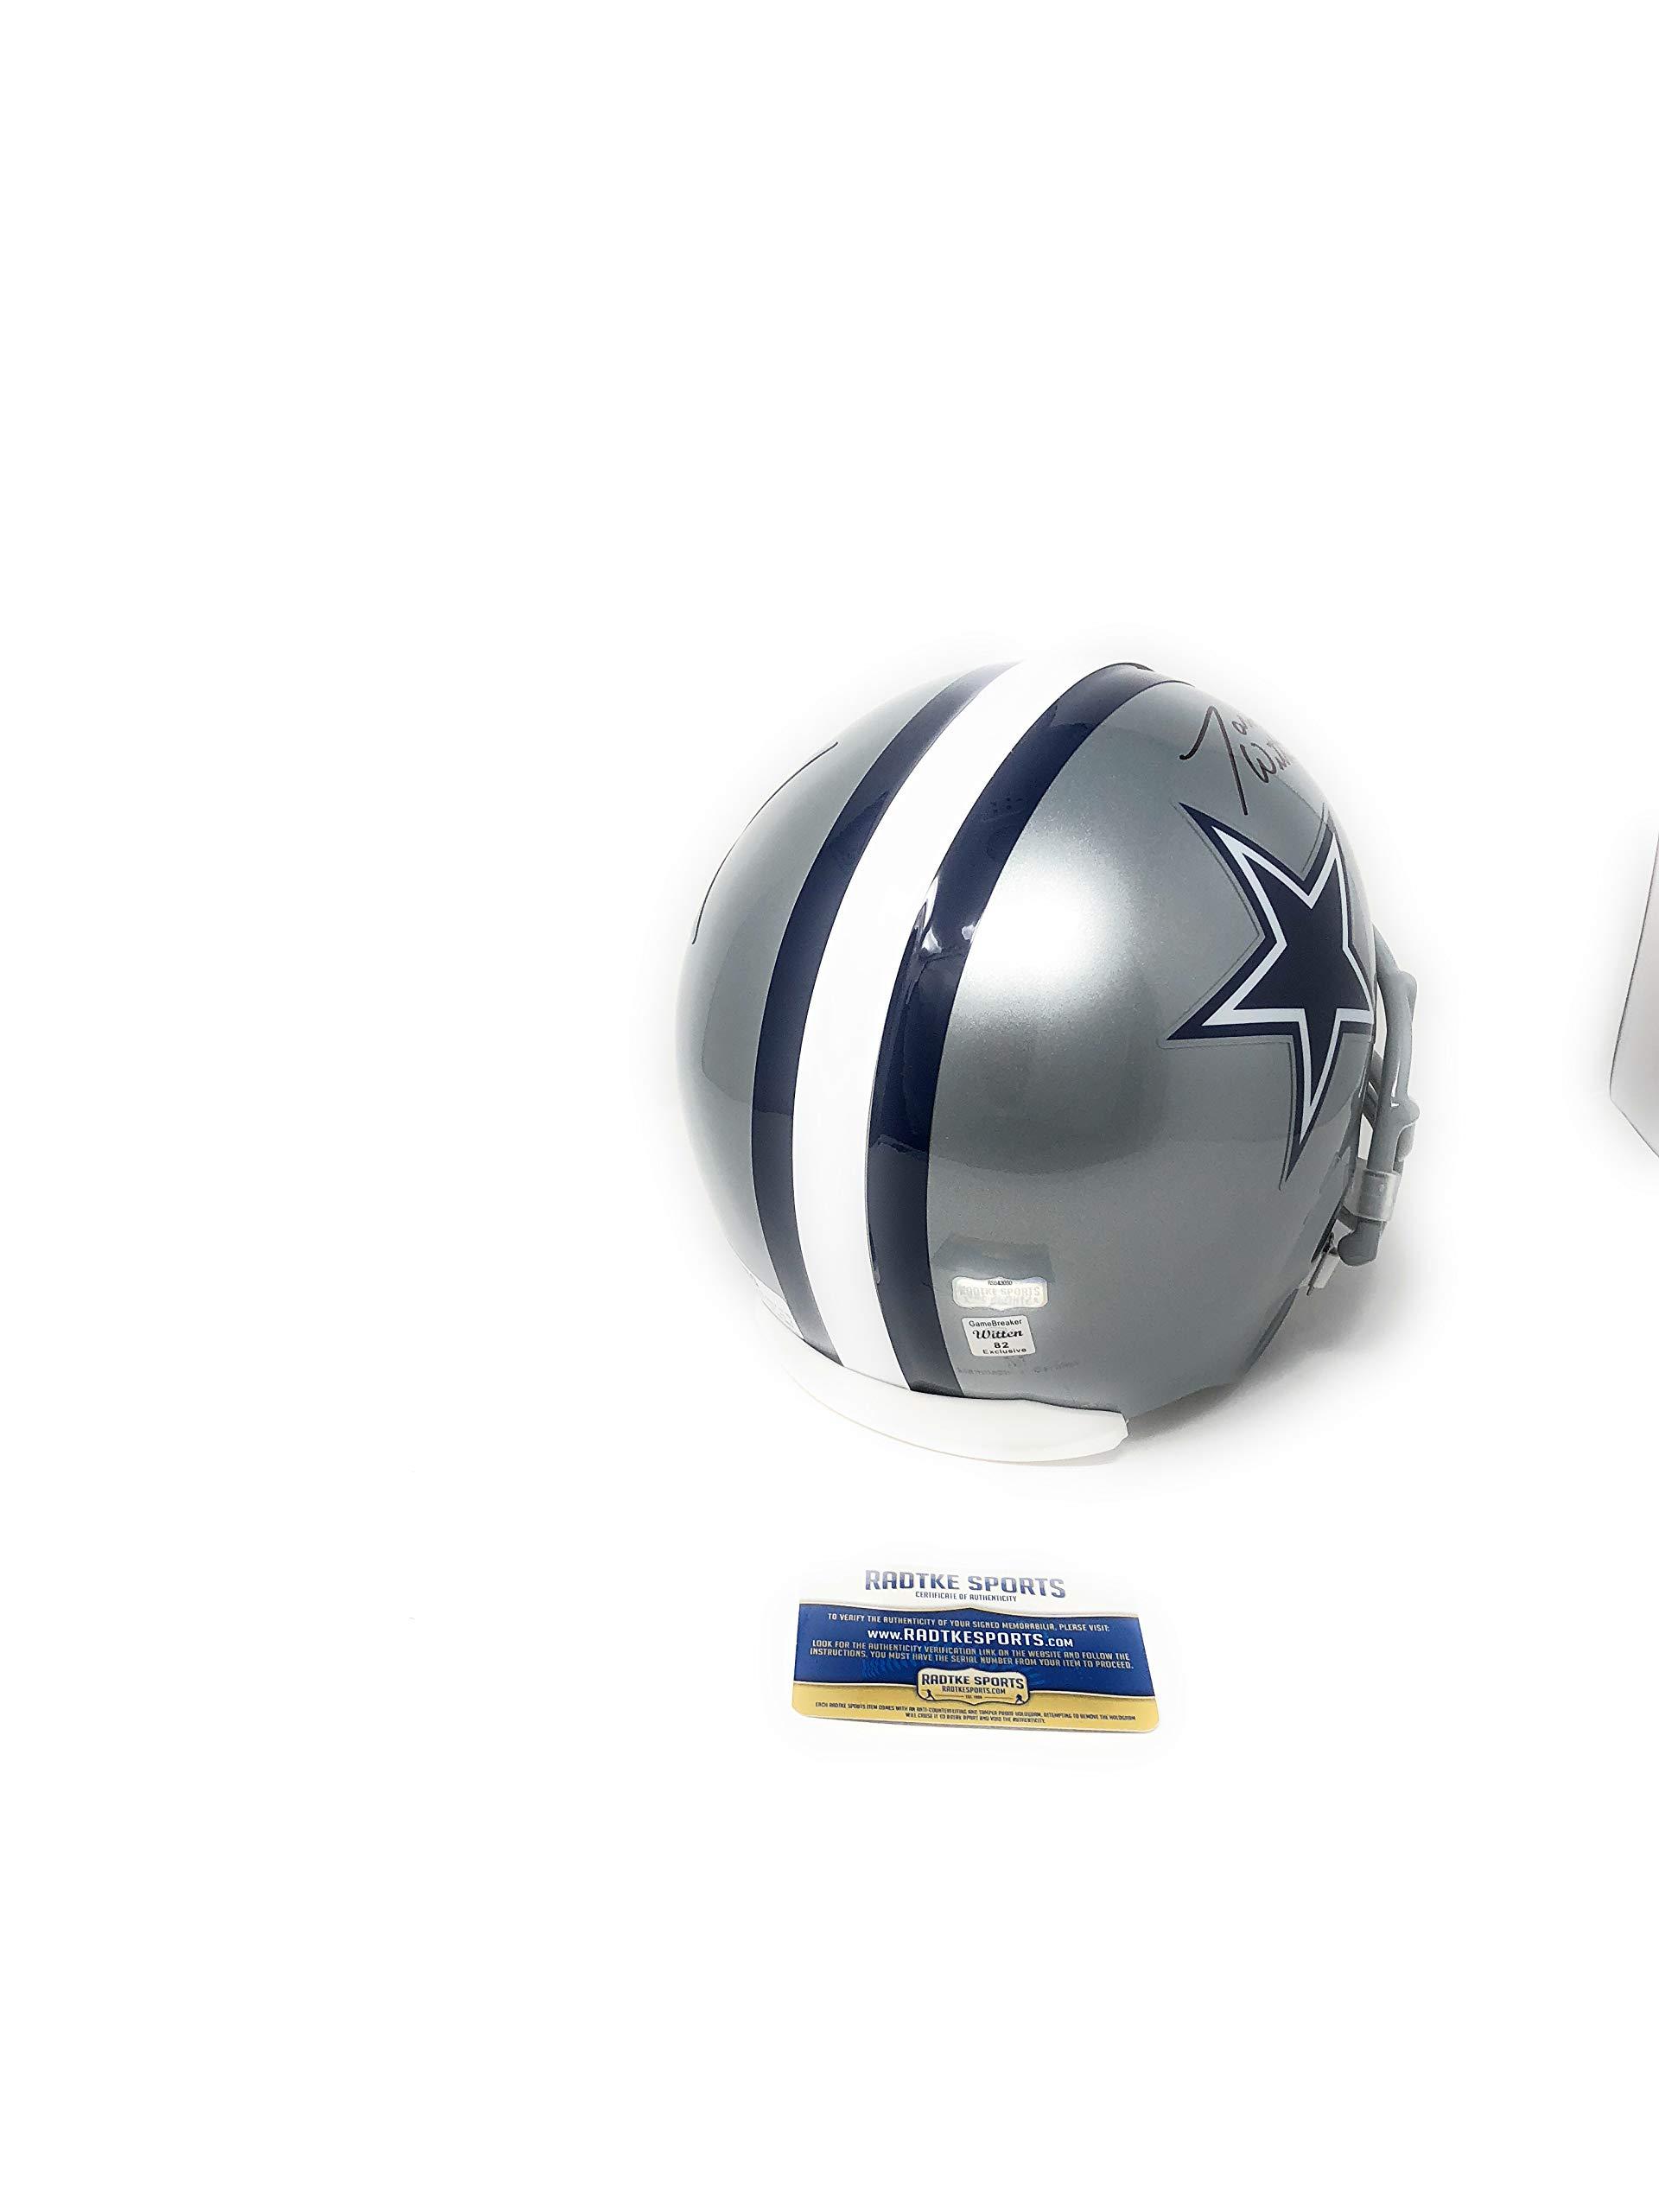 Jason Witten Dallas Cowboys Signed Autograph Full Size Helmet Witten 82 Holo & Radtke Sports Certified